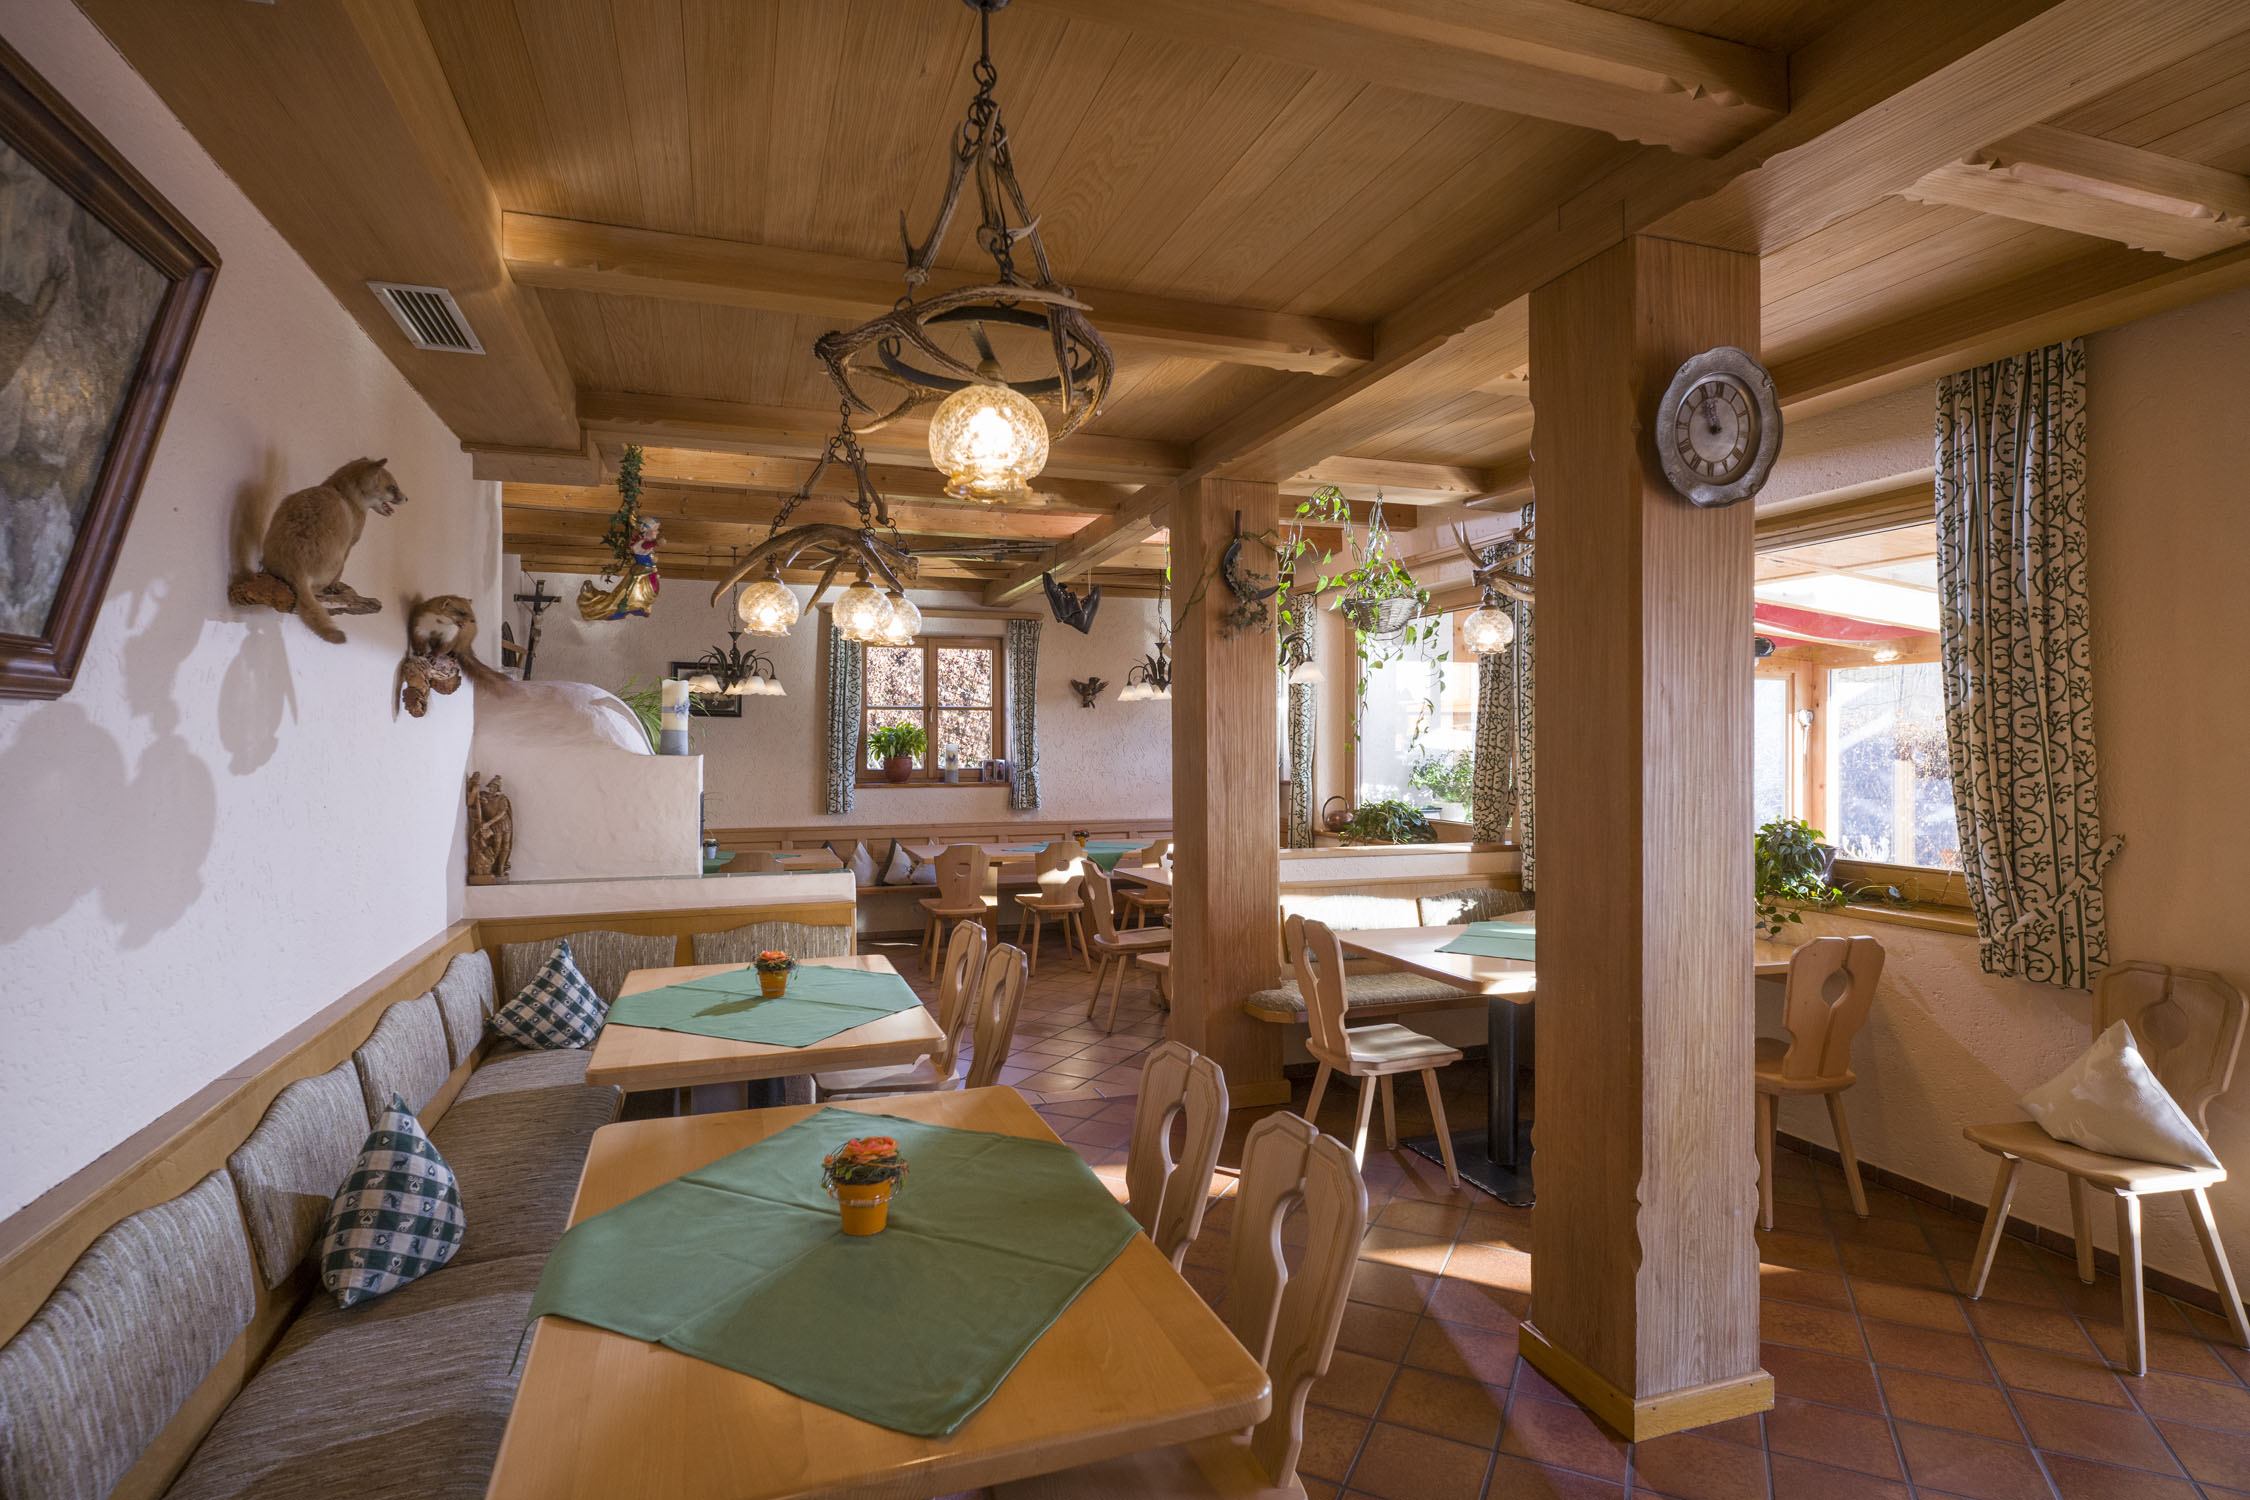 Ferienwohnung Berggasthof Hummelei (DE Oberaudorf). Ferienwohnung bis 4 Personen (711721), Oberaudorf, Chiemgau, Bayern, Deutschland, Bild 9